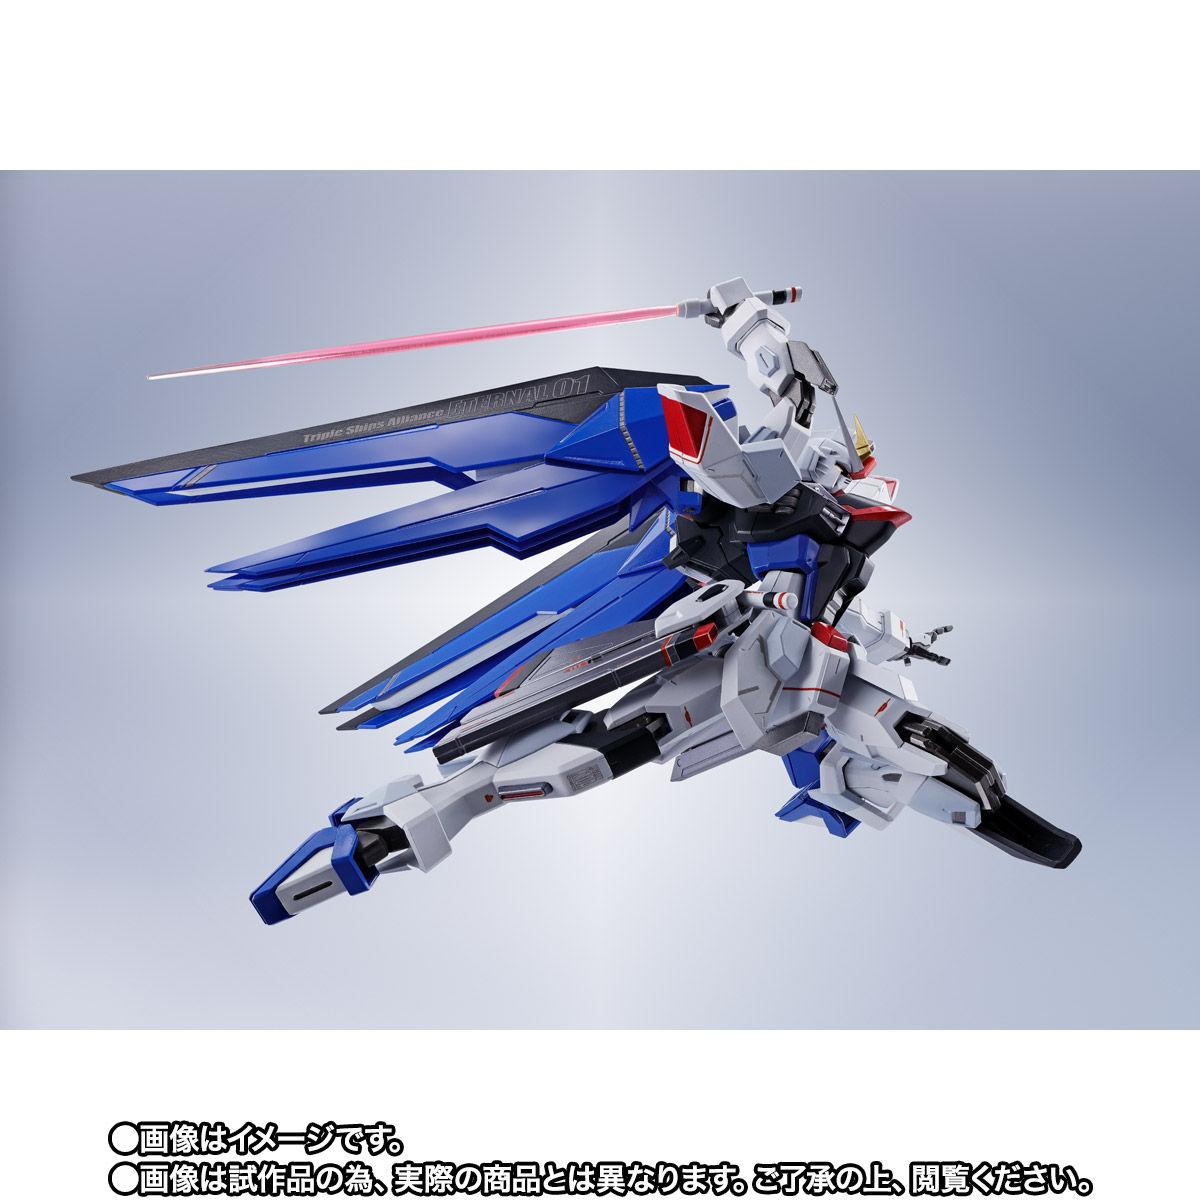 【限定販売】METAL ROBOT魂〈SIDE MS〉『フリーダムガンダム』ガンダムSEED 可動フィギュア-008